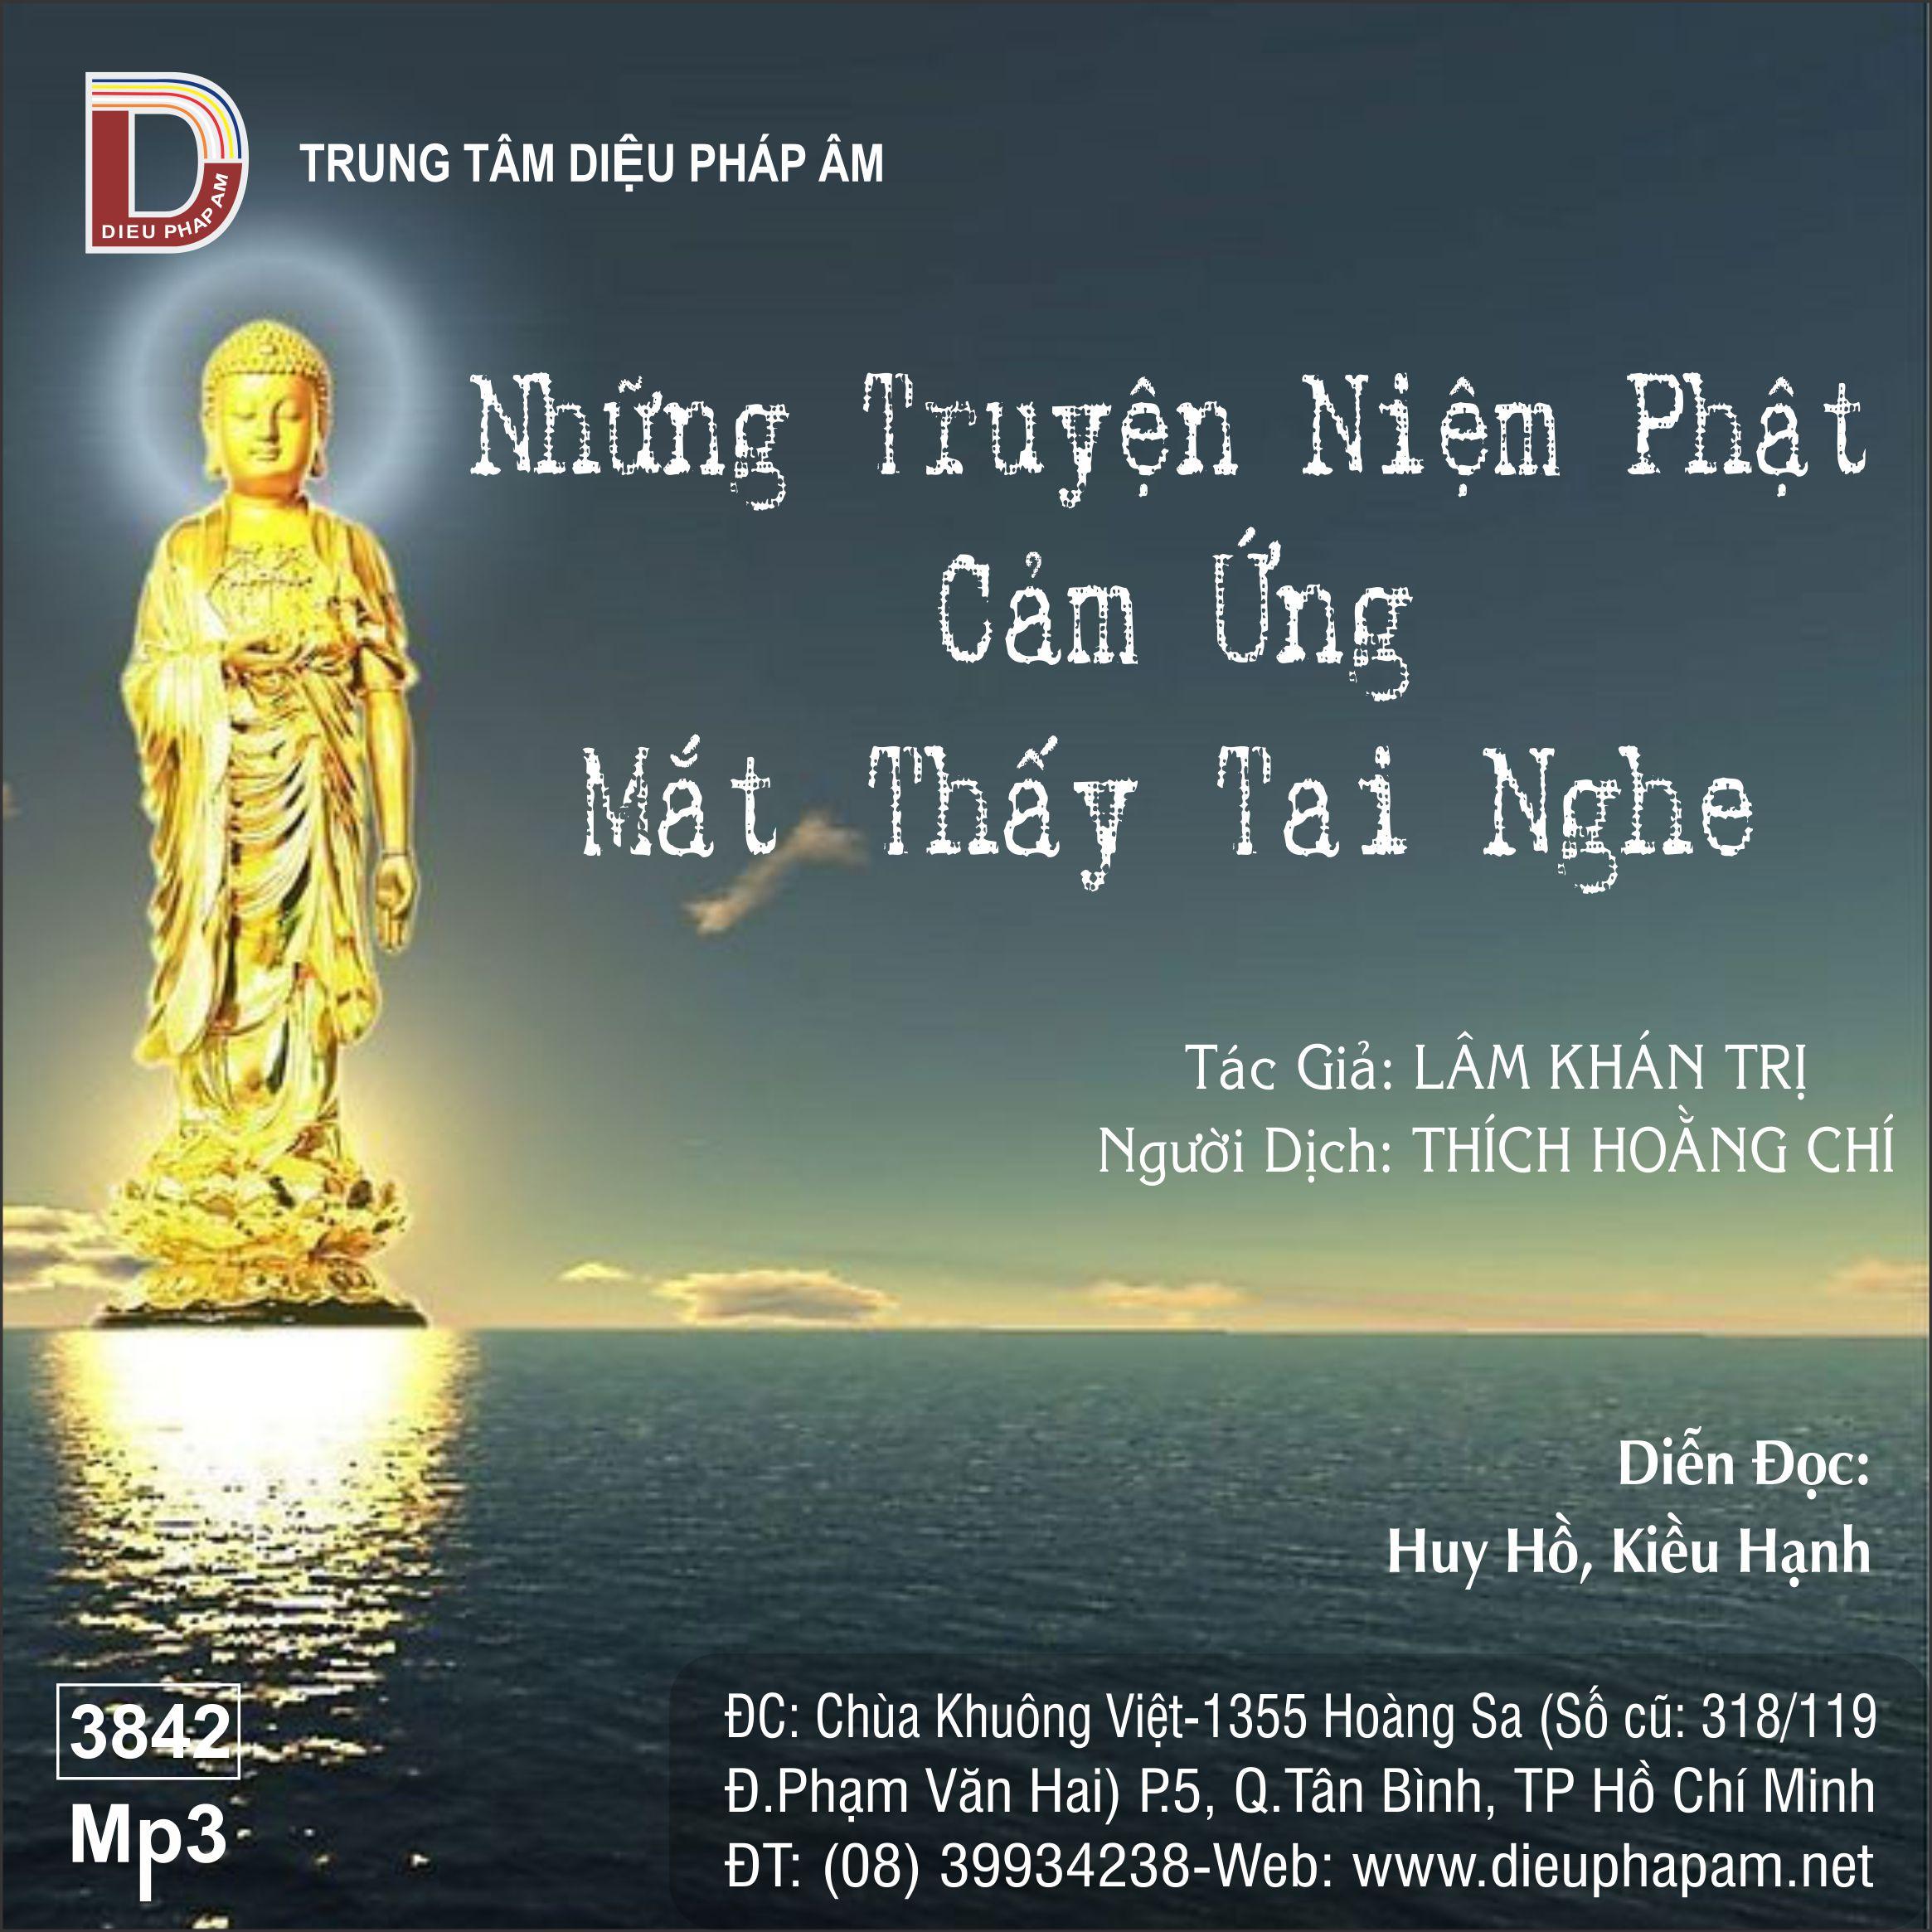 Những truyện niệm Phật cảm ứng mắt thấy tai nghe